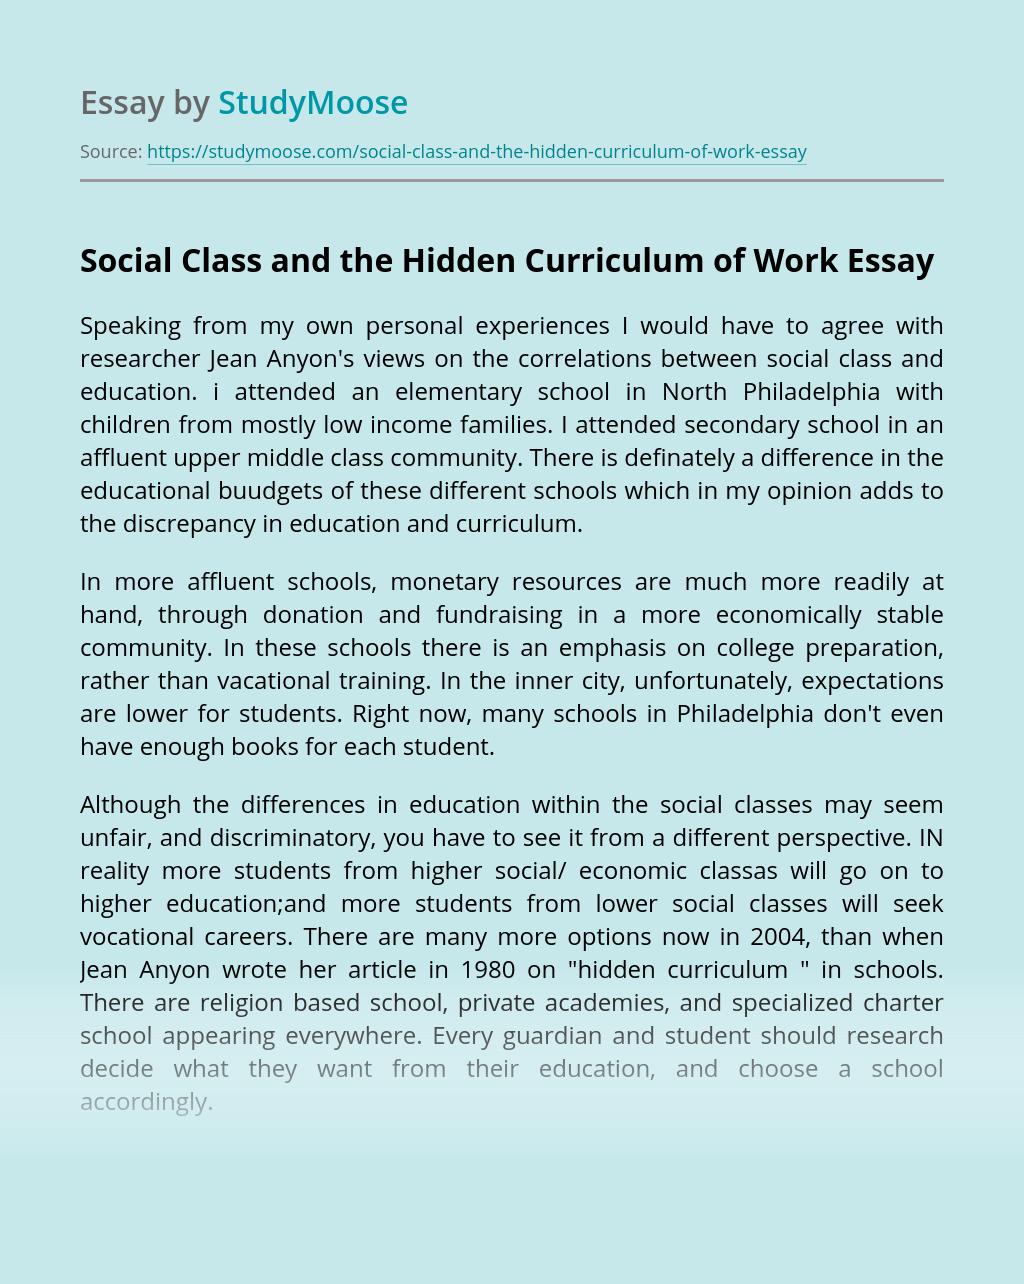 Social Class and the Hidden Curriculum of Work